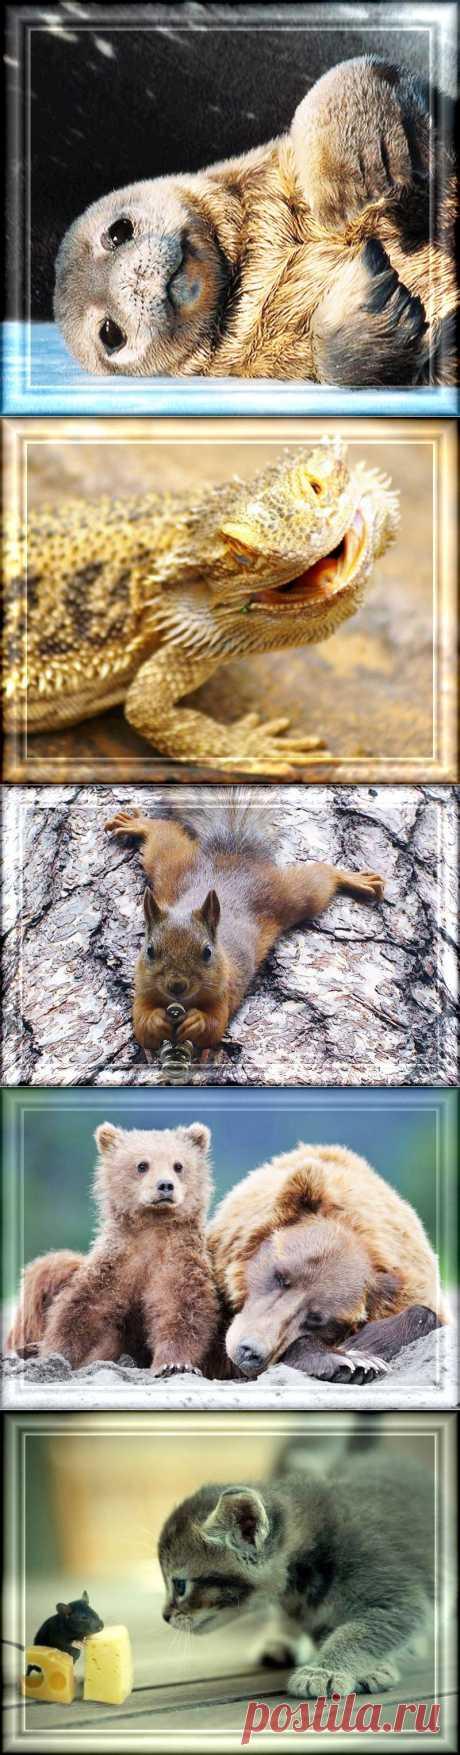 Животные... они очаровательны..